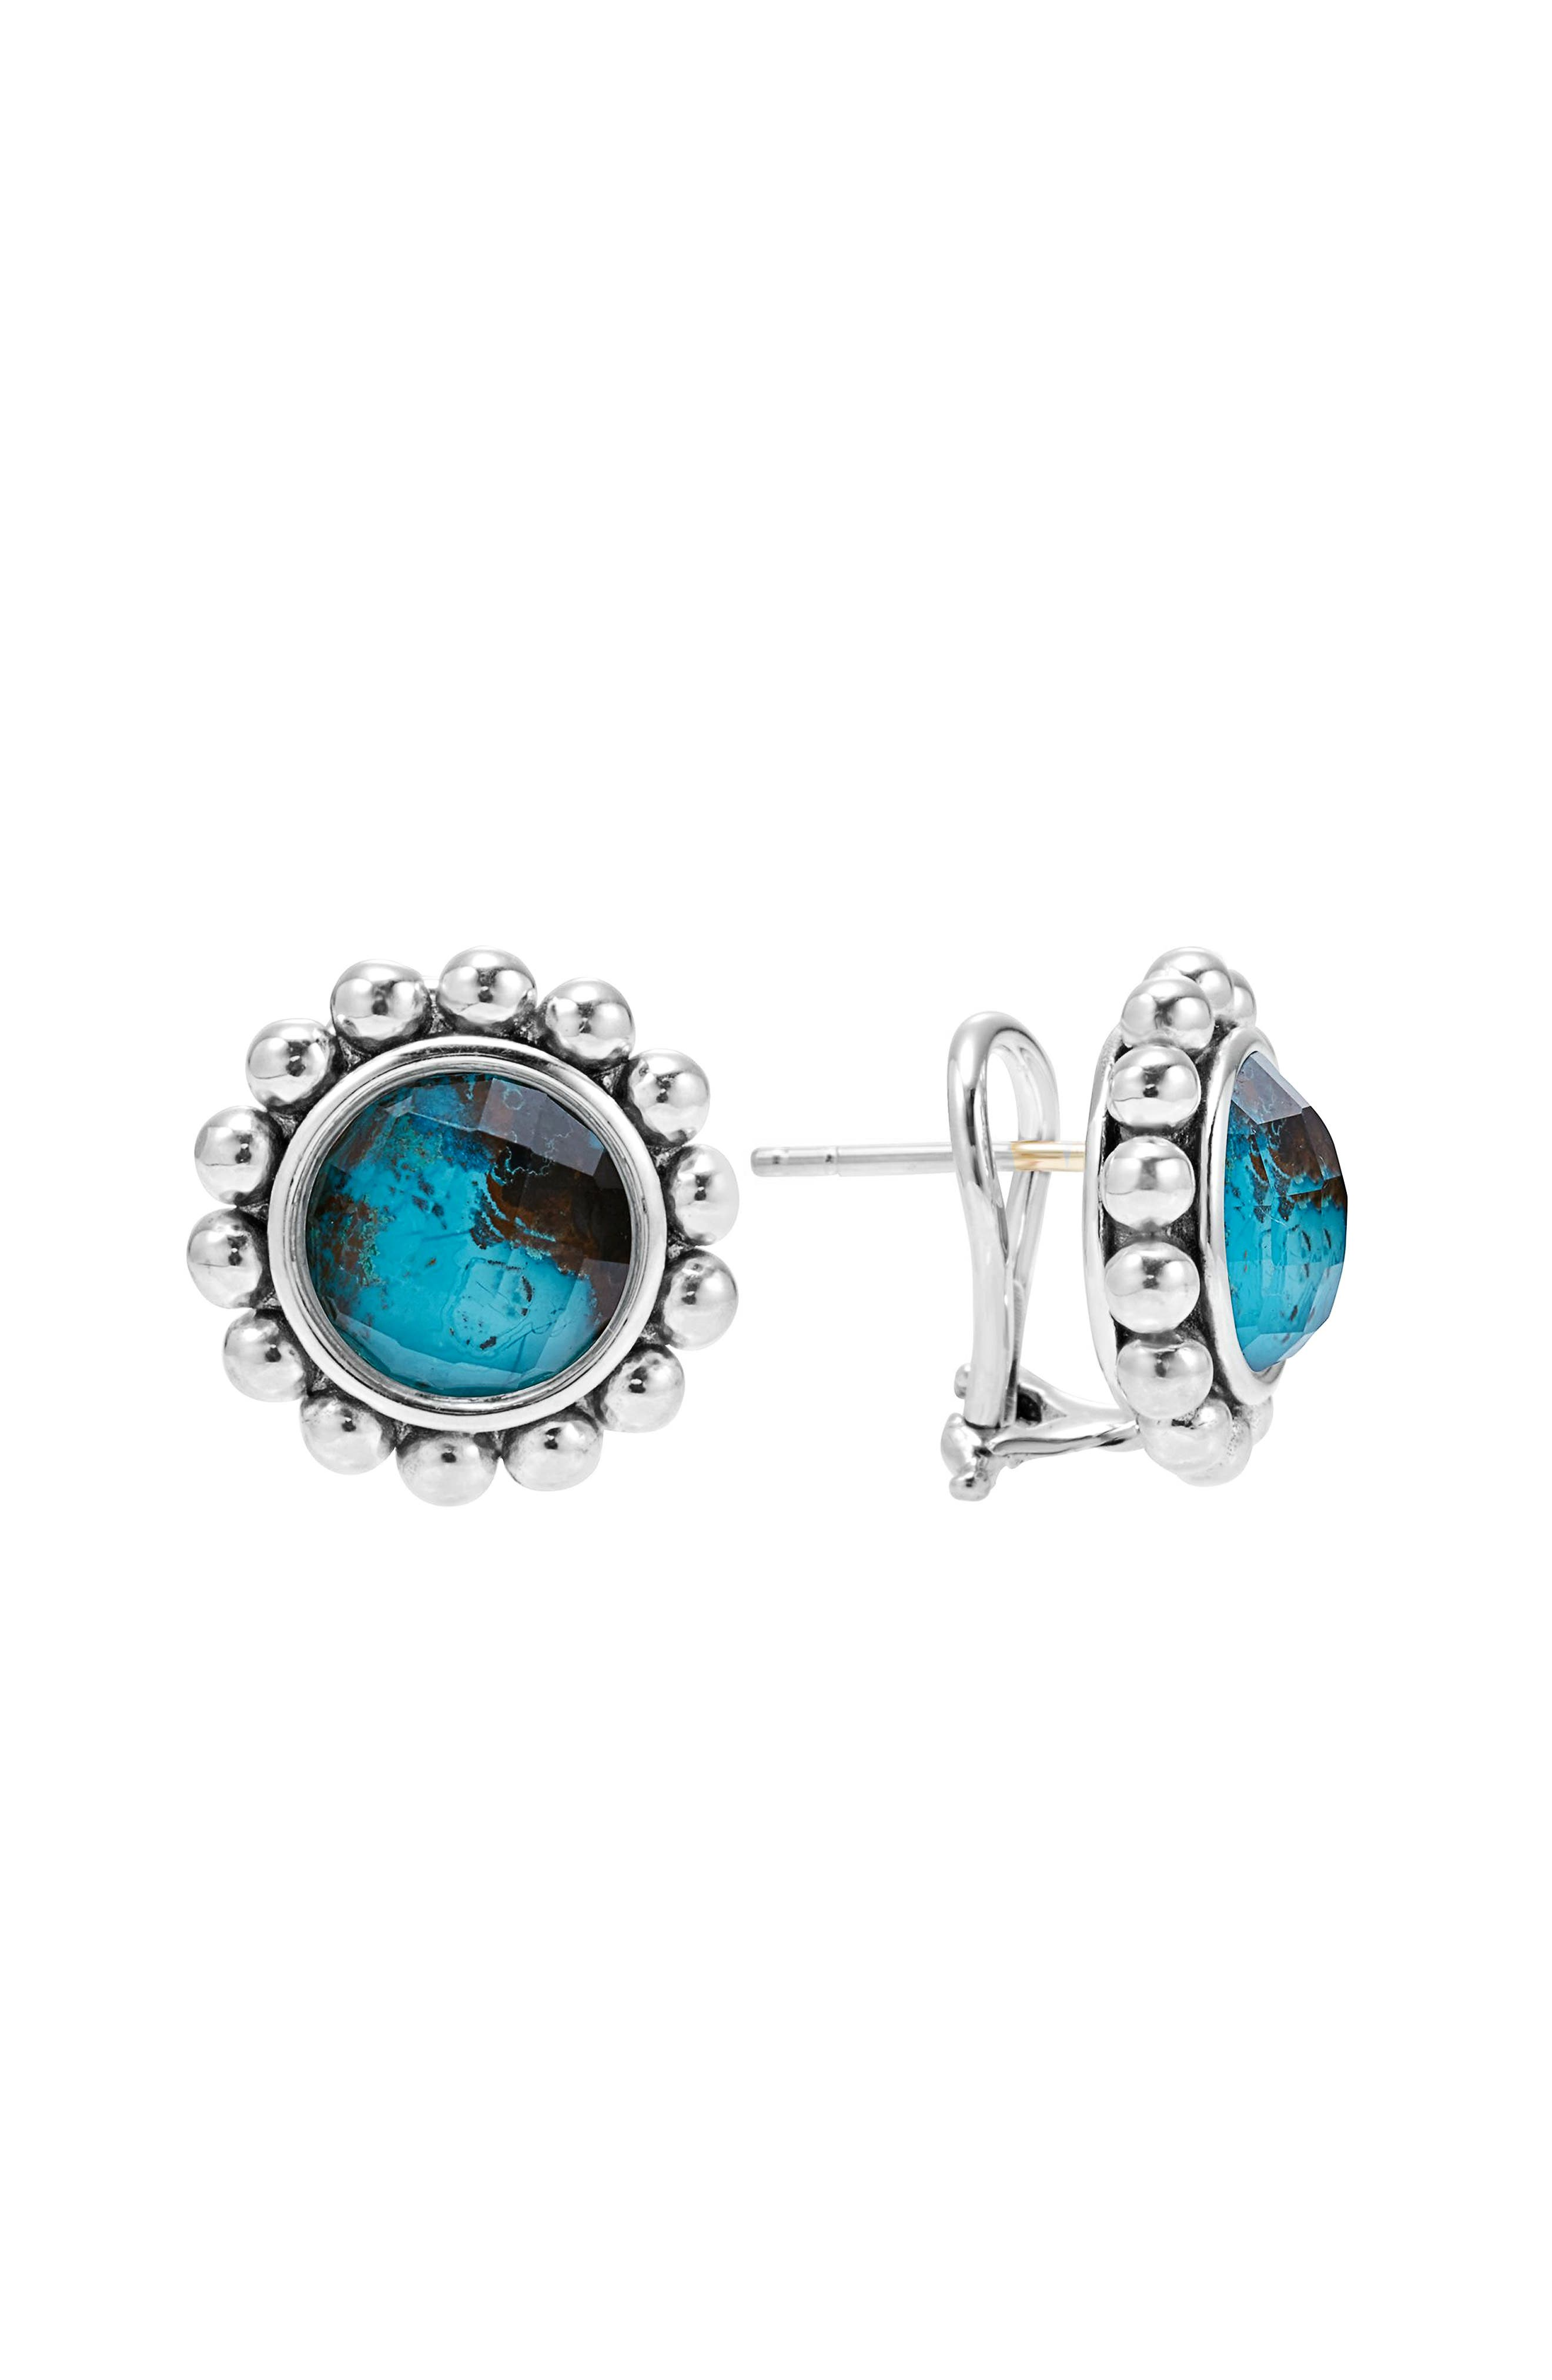 Main Image - LAGOS Maya Semiprecious Stone Stud Earrings